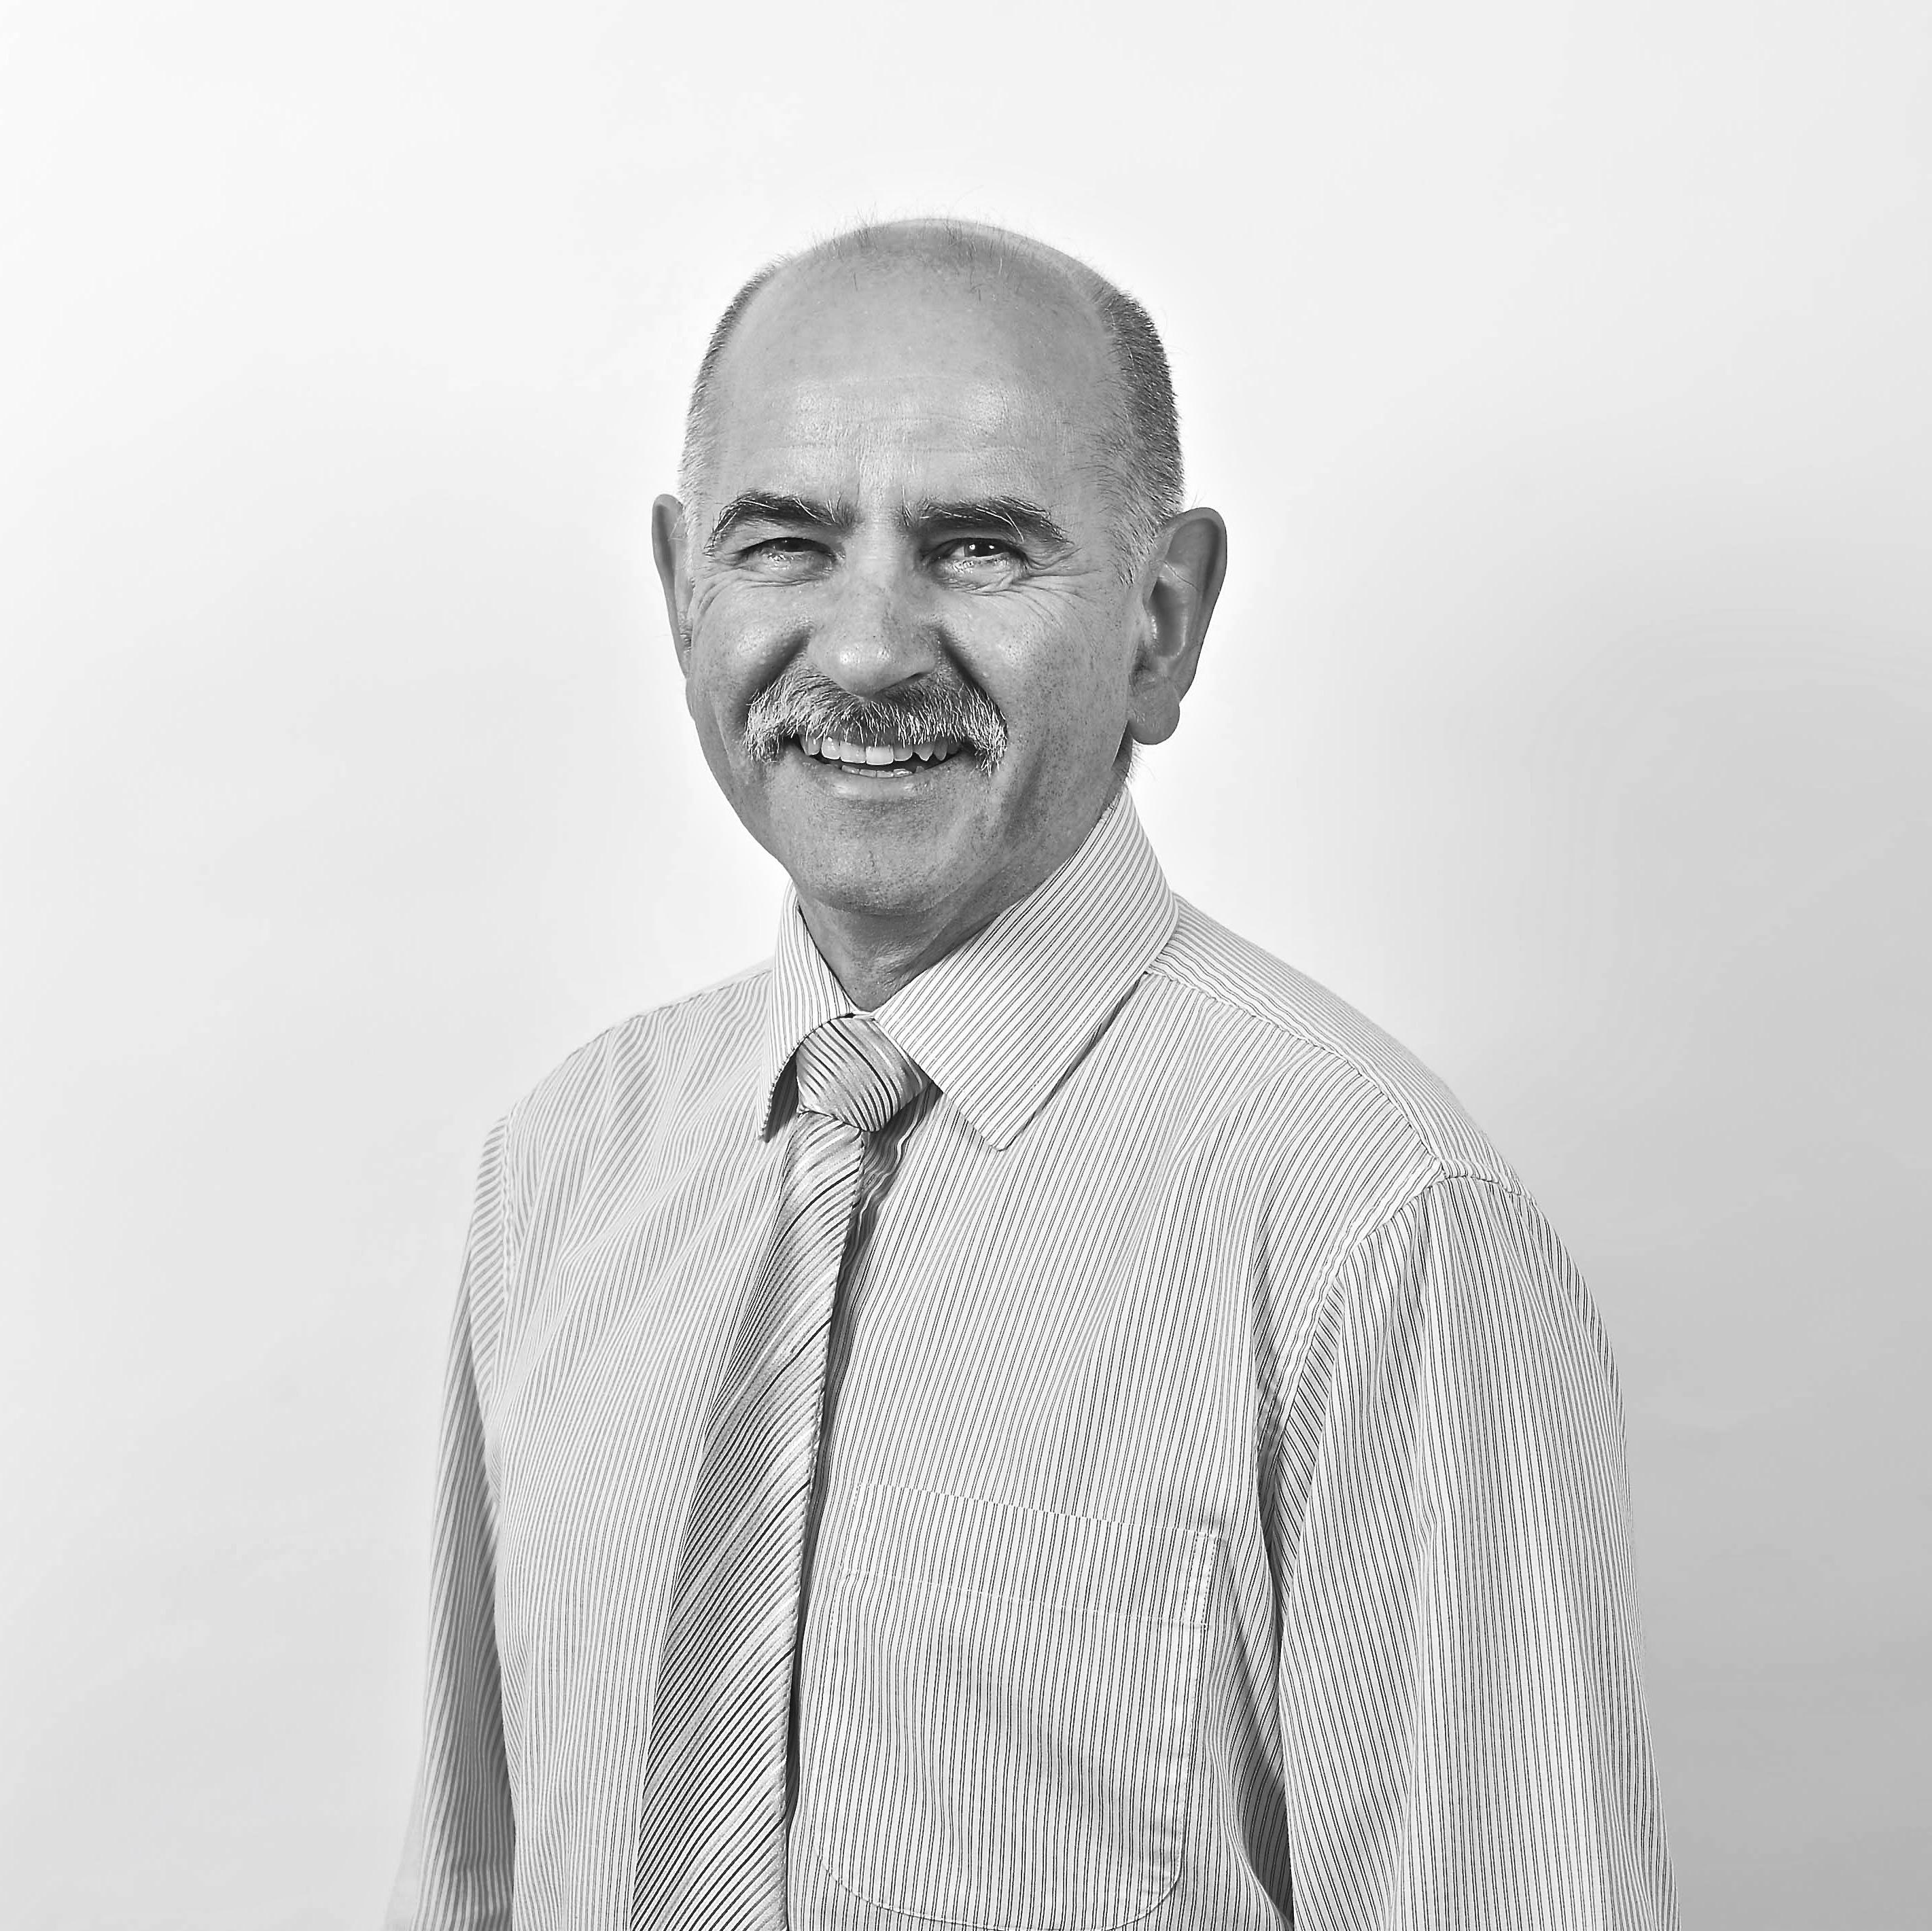 Eddie Rooney